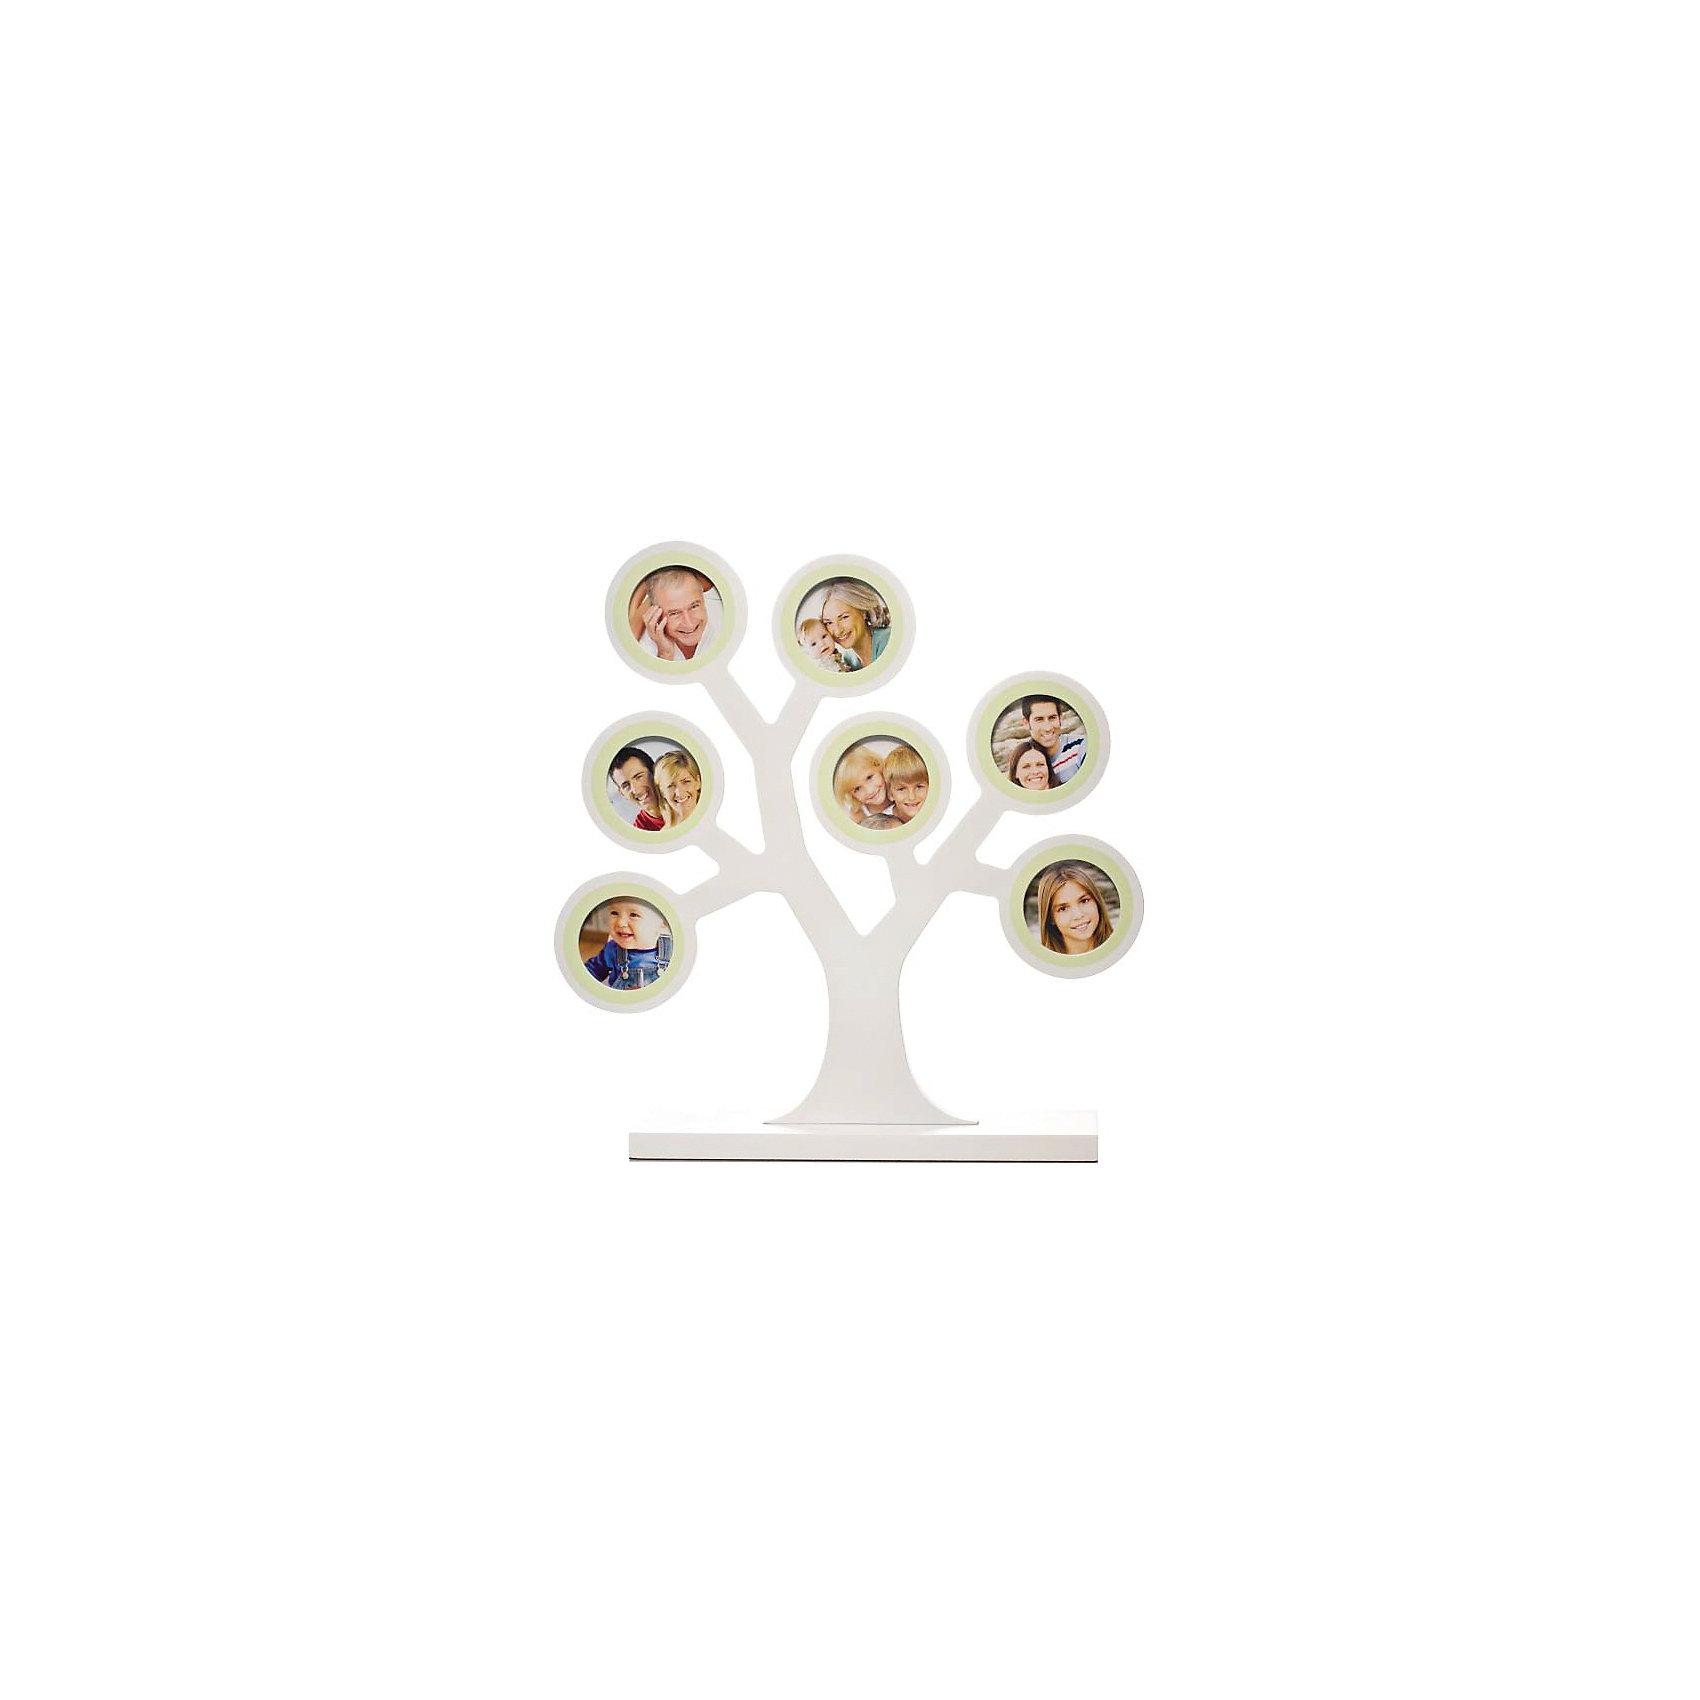 Рамочка Мое семейное дерево, PearheadПредметы интерьера<br>Характеристики:<br><br>• Пол: универсальный<br>• Тематика рисунка: без рисунка<br>• Цвет: молочный<br>• Материал: дерево<br>• Тип рамки: настольная<br>• Количество секций: 7<br>• Форма секций: круг<br>• Диаметр секций: ?4,5 см<br>• Размеры рамки (Д*Ш*В): 31*7,5*29,5 см <br>• Вес: 680 г <br>• Особенности ухода: допускается сухая и влажная чистка<br><br>Рамочка Мое семейное дерево, Pearhead изготовлена американским торговым брендом, который специализируется на создании подарочных наборов для новорожденных и их родителей. Дизайнерская рамочка для фотографий выполнена в виде дерева с ветками, на которых расположены круглые секции для фото. <br><br>У рамки-дерева устойчивое основание. Предназначена для семи фотографий. Изделие выполнено из дерева, окрашено в нейтральный цвет, поэтому подойдет для интерьера любого стилевого направления. <br><br>Рамочку Мое семейное дерево, Pearhead можно купить в нашем интернет-магазине.<br><br>Ширина мм: 75<br>Глубина мм: 295<br>Высота мм: 310<br>Вес г: 736<br>Возраст от месяцев: 0<br>Возраст до месяцев: 84<br>Пол: Унисекс<br>Возраст: Детский<br>SKU: 5482428